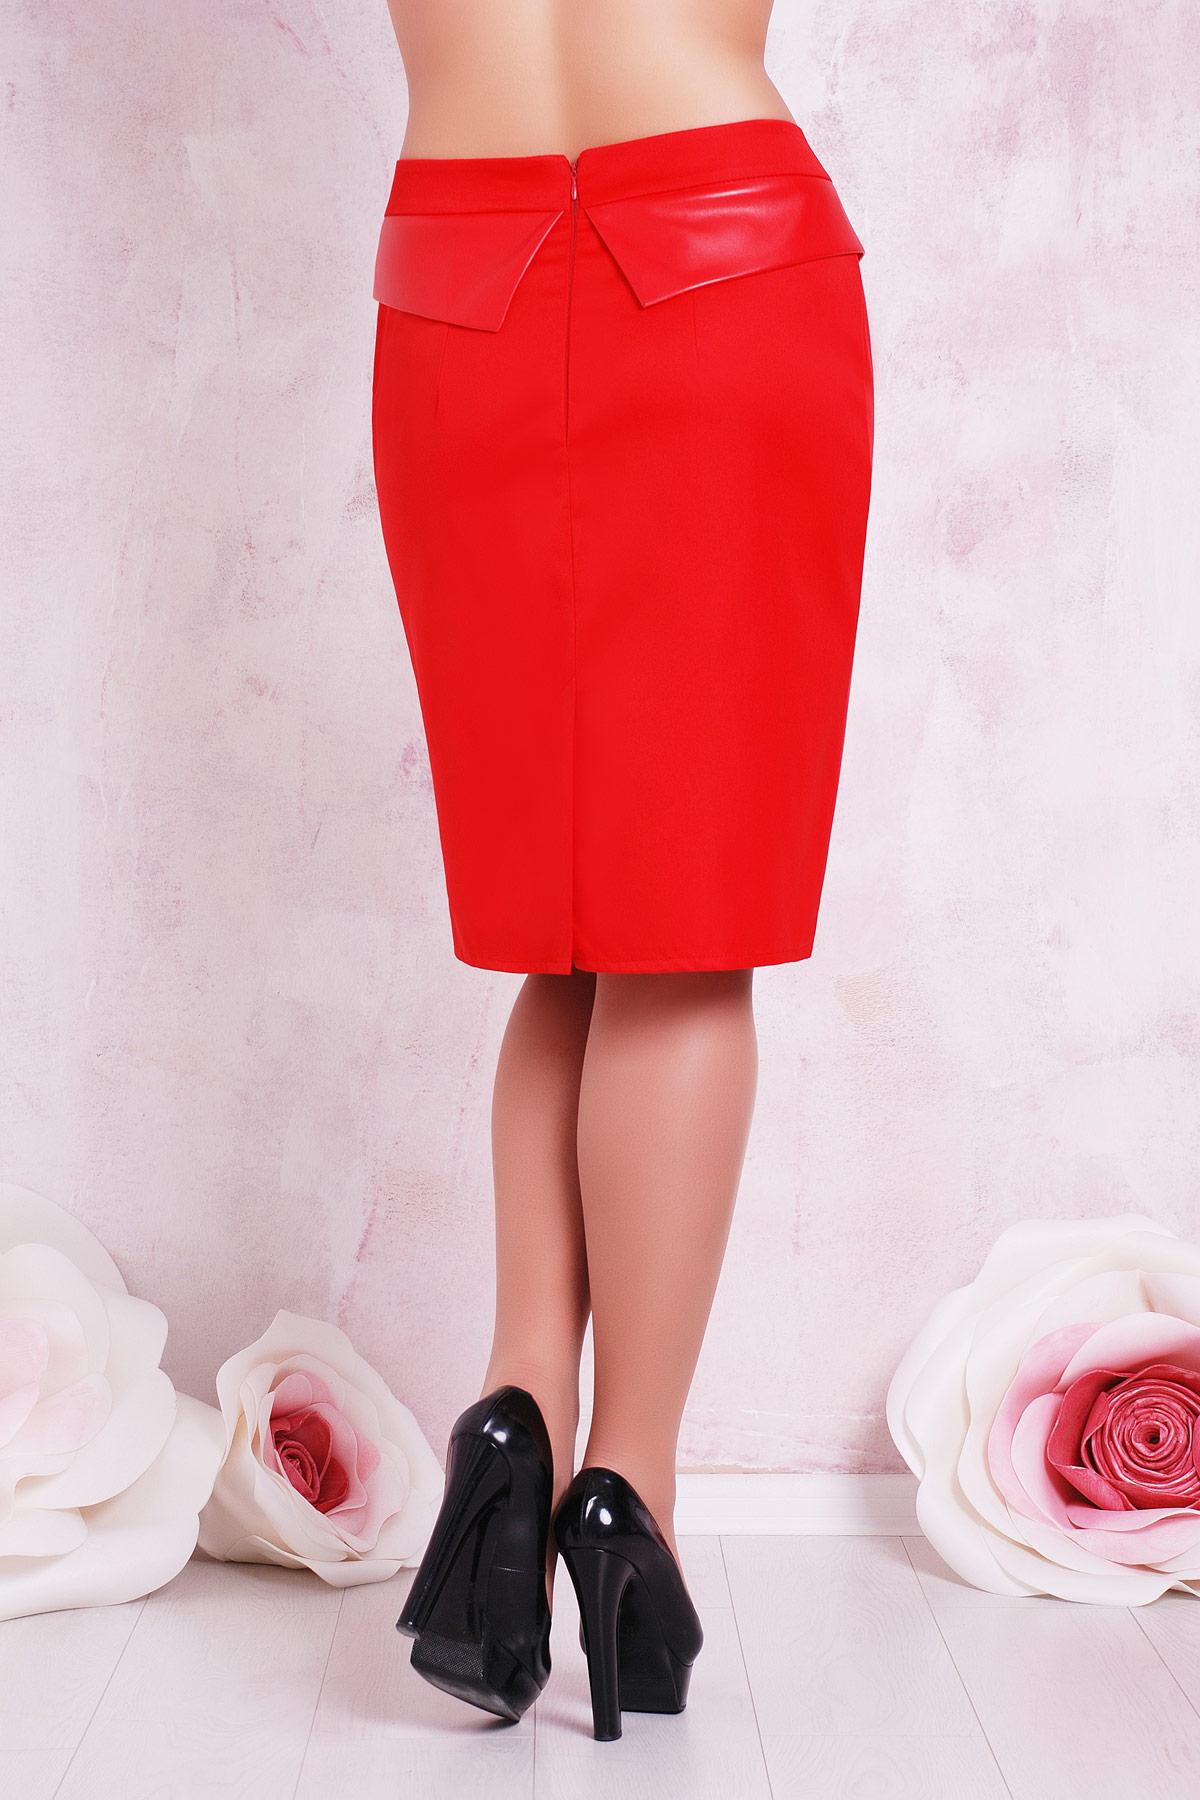 офисная темно-синяя юбка с баской. юбка мод. №12 Б. Цвет: красный